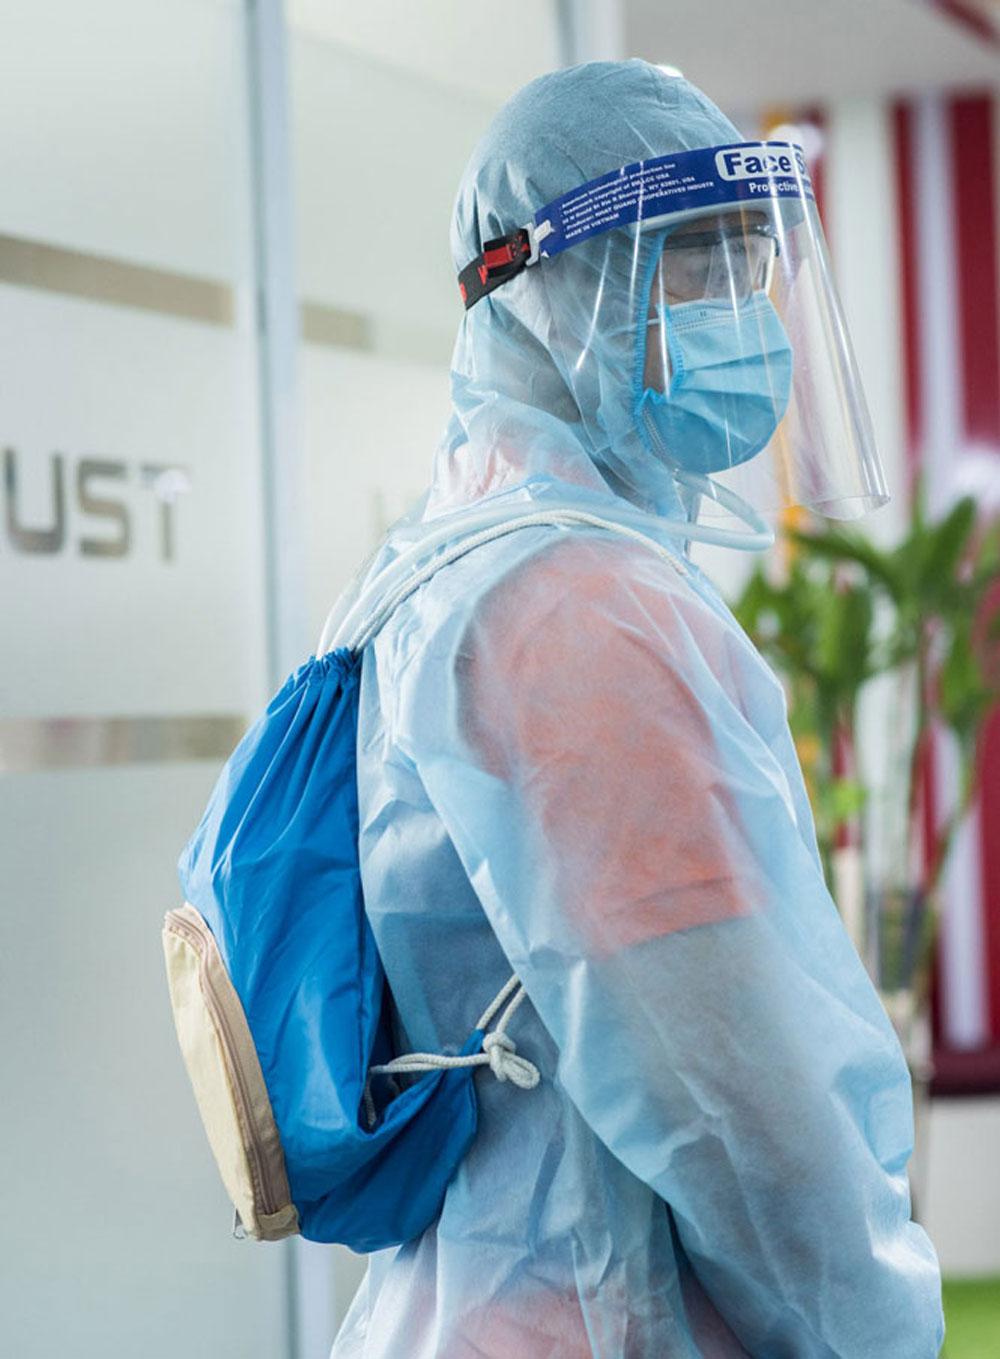 Áo làm mát, giường carton, hỗ trợ, chống dịch Covid-19